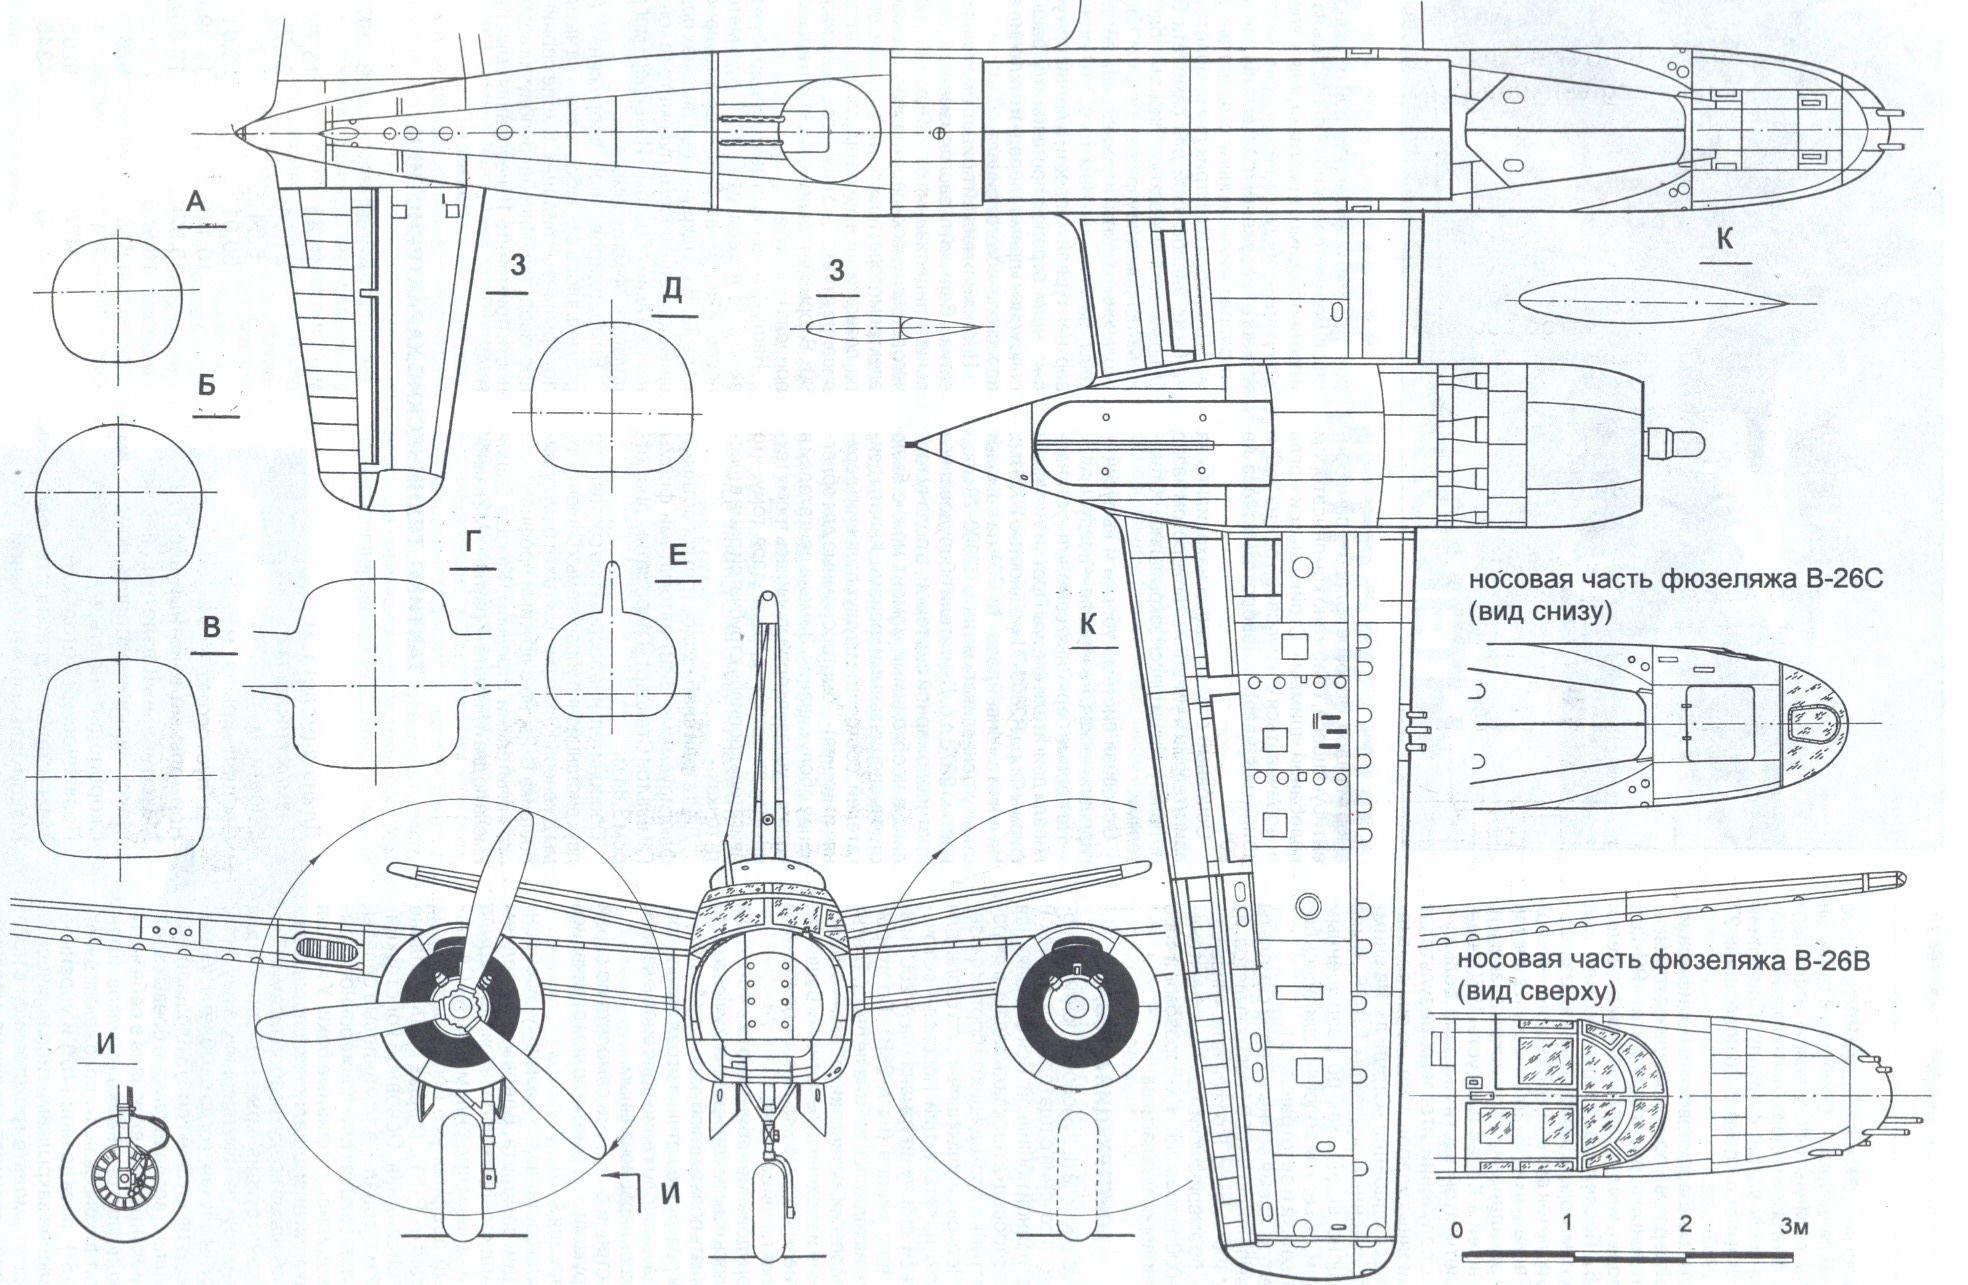 b 26 marauder engine diagram 15 17 combatarms game de \u2022